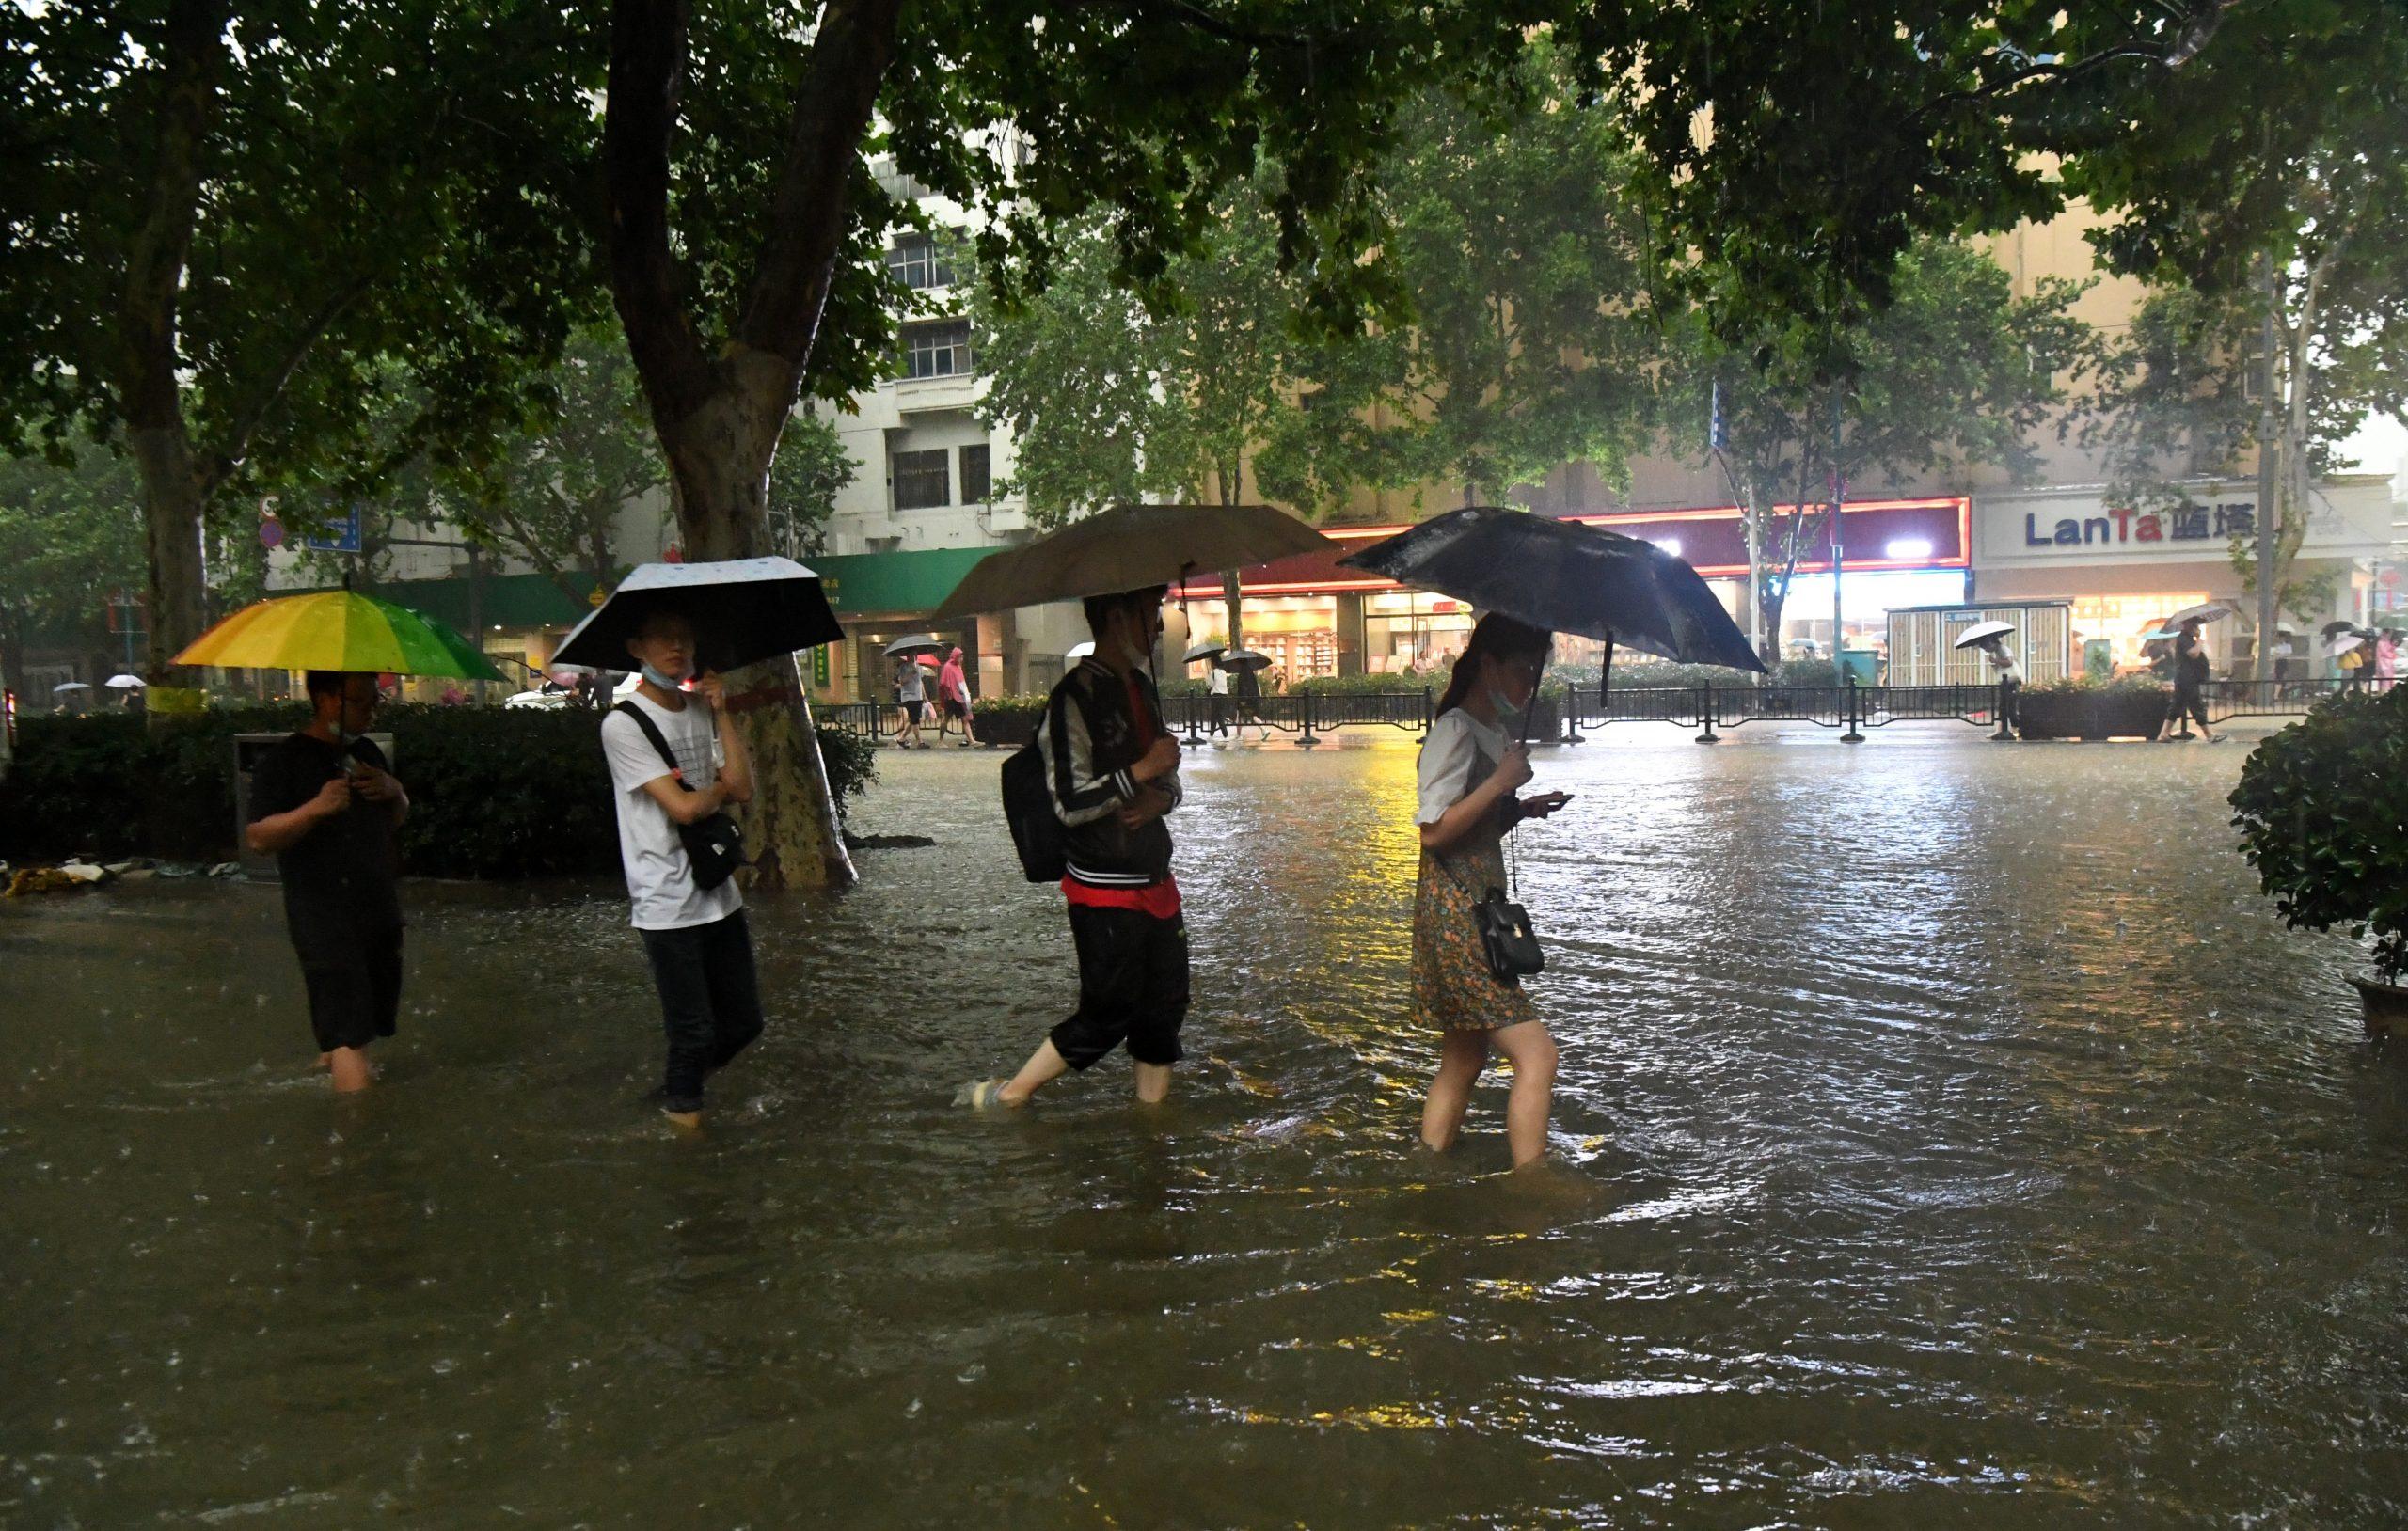 Lluvias récord en centro de China causan trastornos masivos